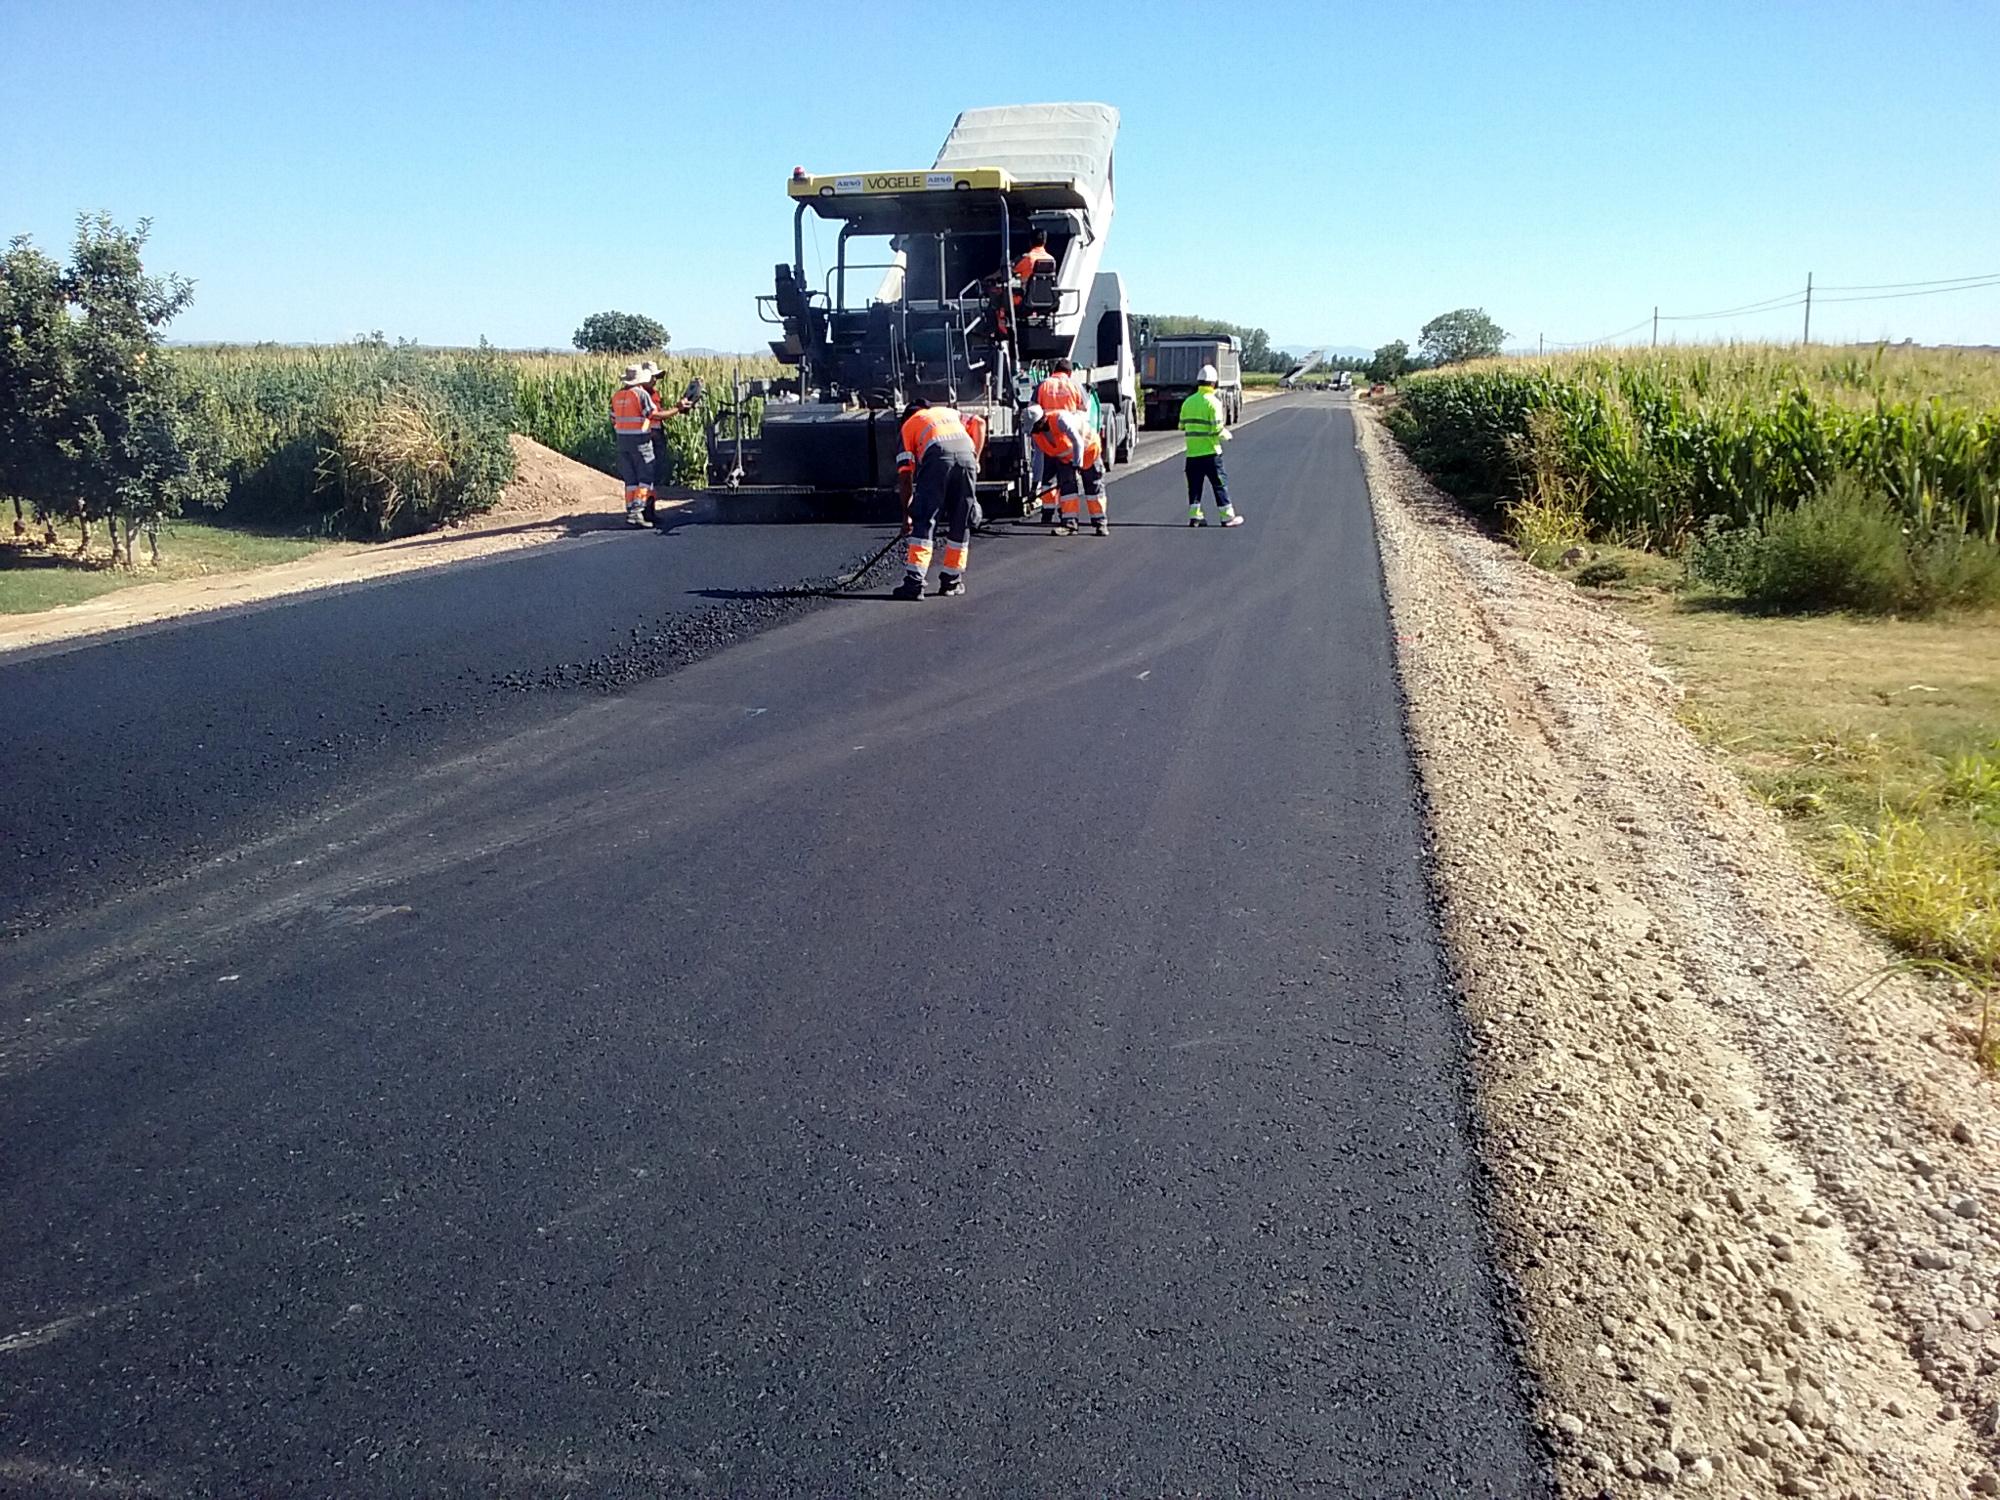 La Diputació millora el paviment de cinc carreteres de la demarcació